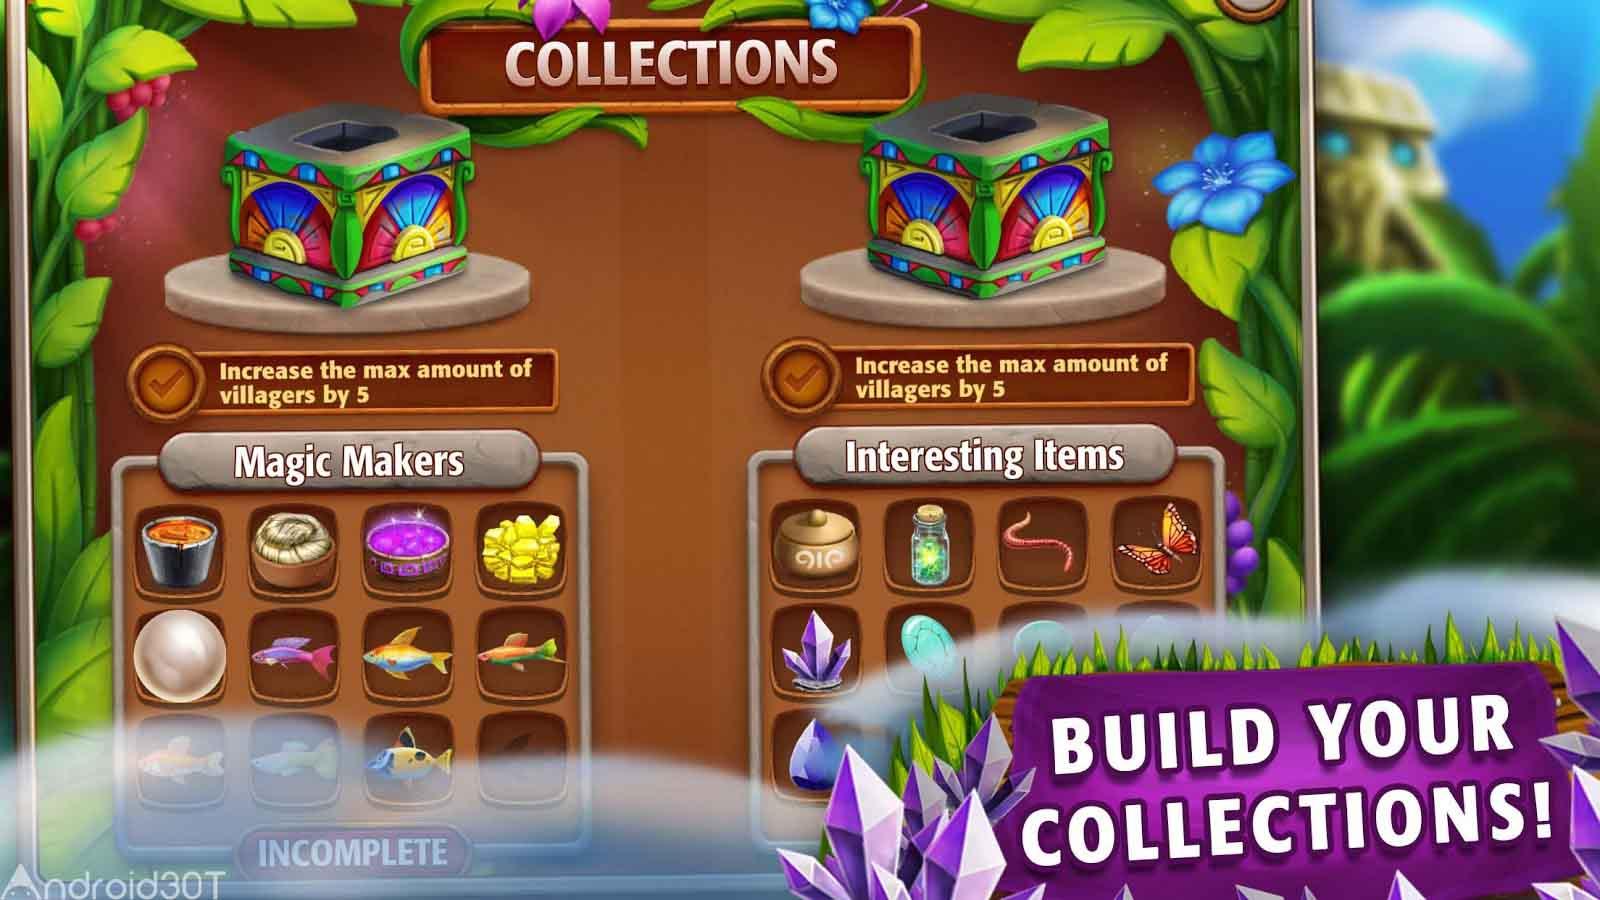 دانلود Virtual Villagers Origins 2 v2.5.22 – بازی روستائیان مجازی 2 اندروید